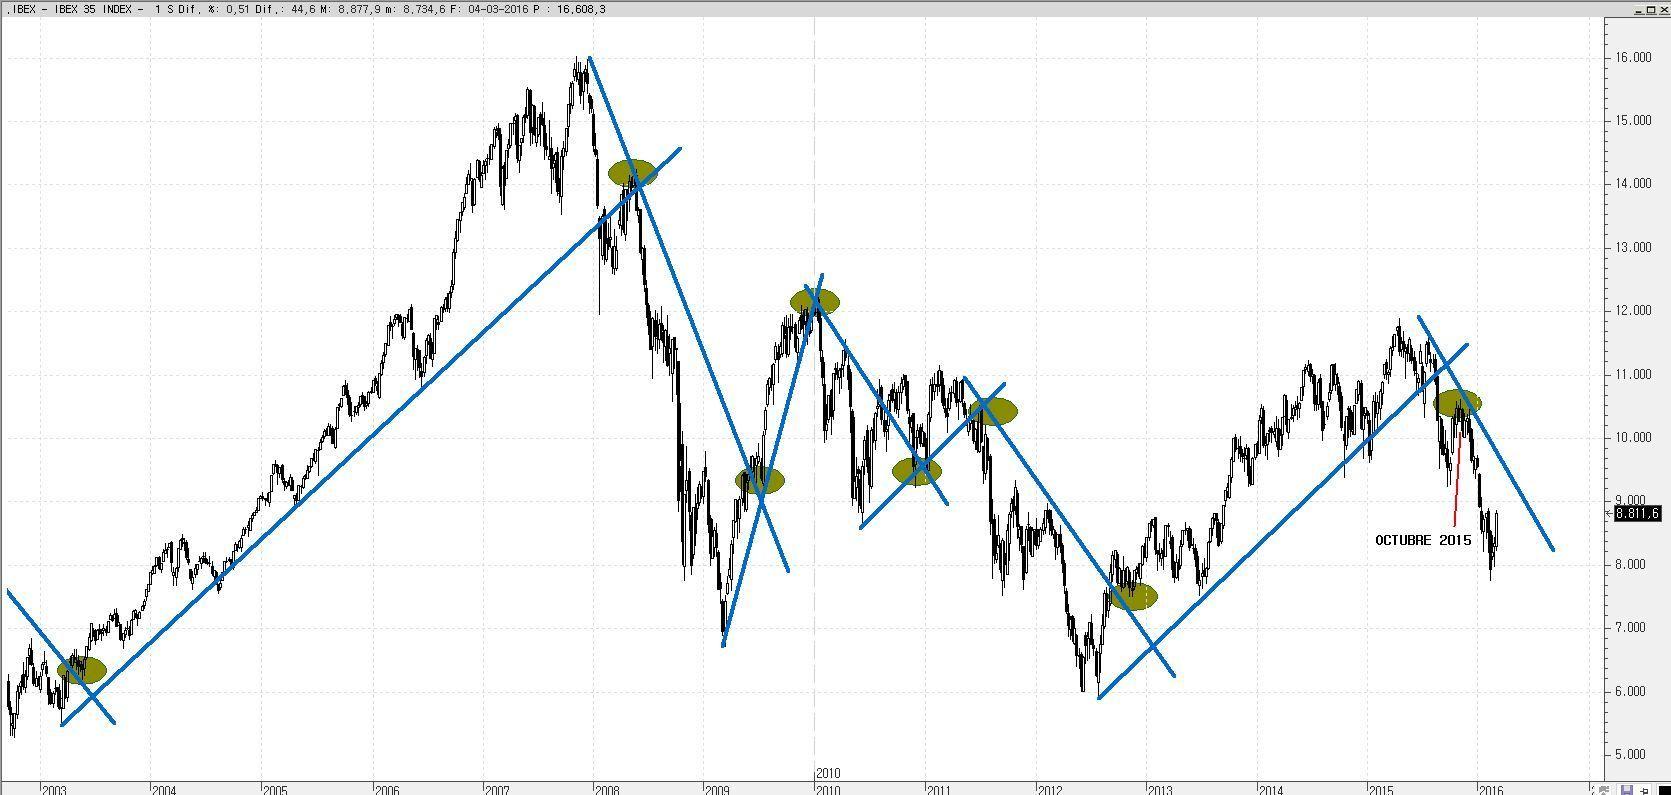 Aprende a interpretar gráficos de bolsa